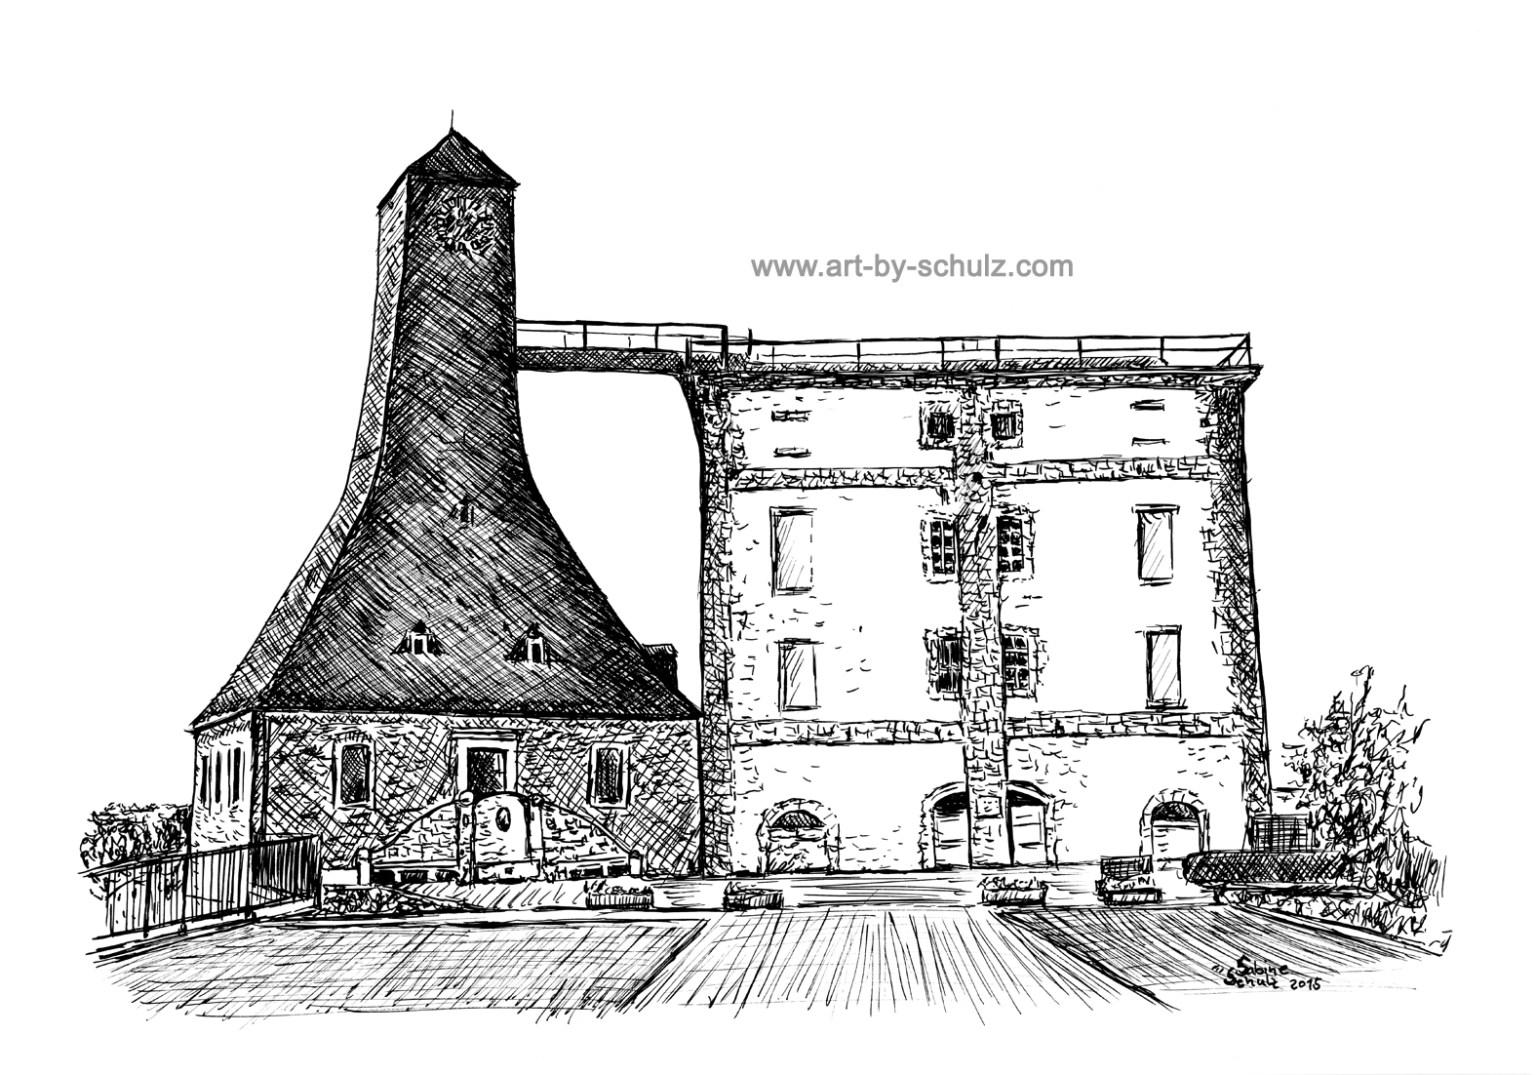 Bad Dürrenberg, Borlach Turm, Sabine Schulz, Tusche, Tusche Verlag, Zeichnung